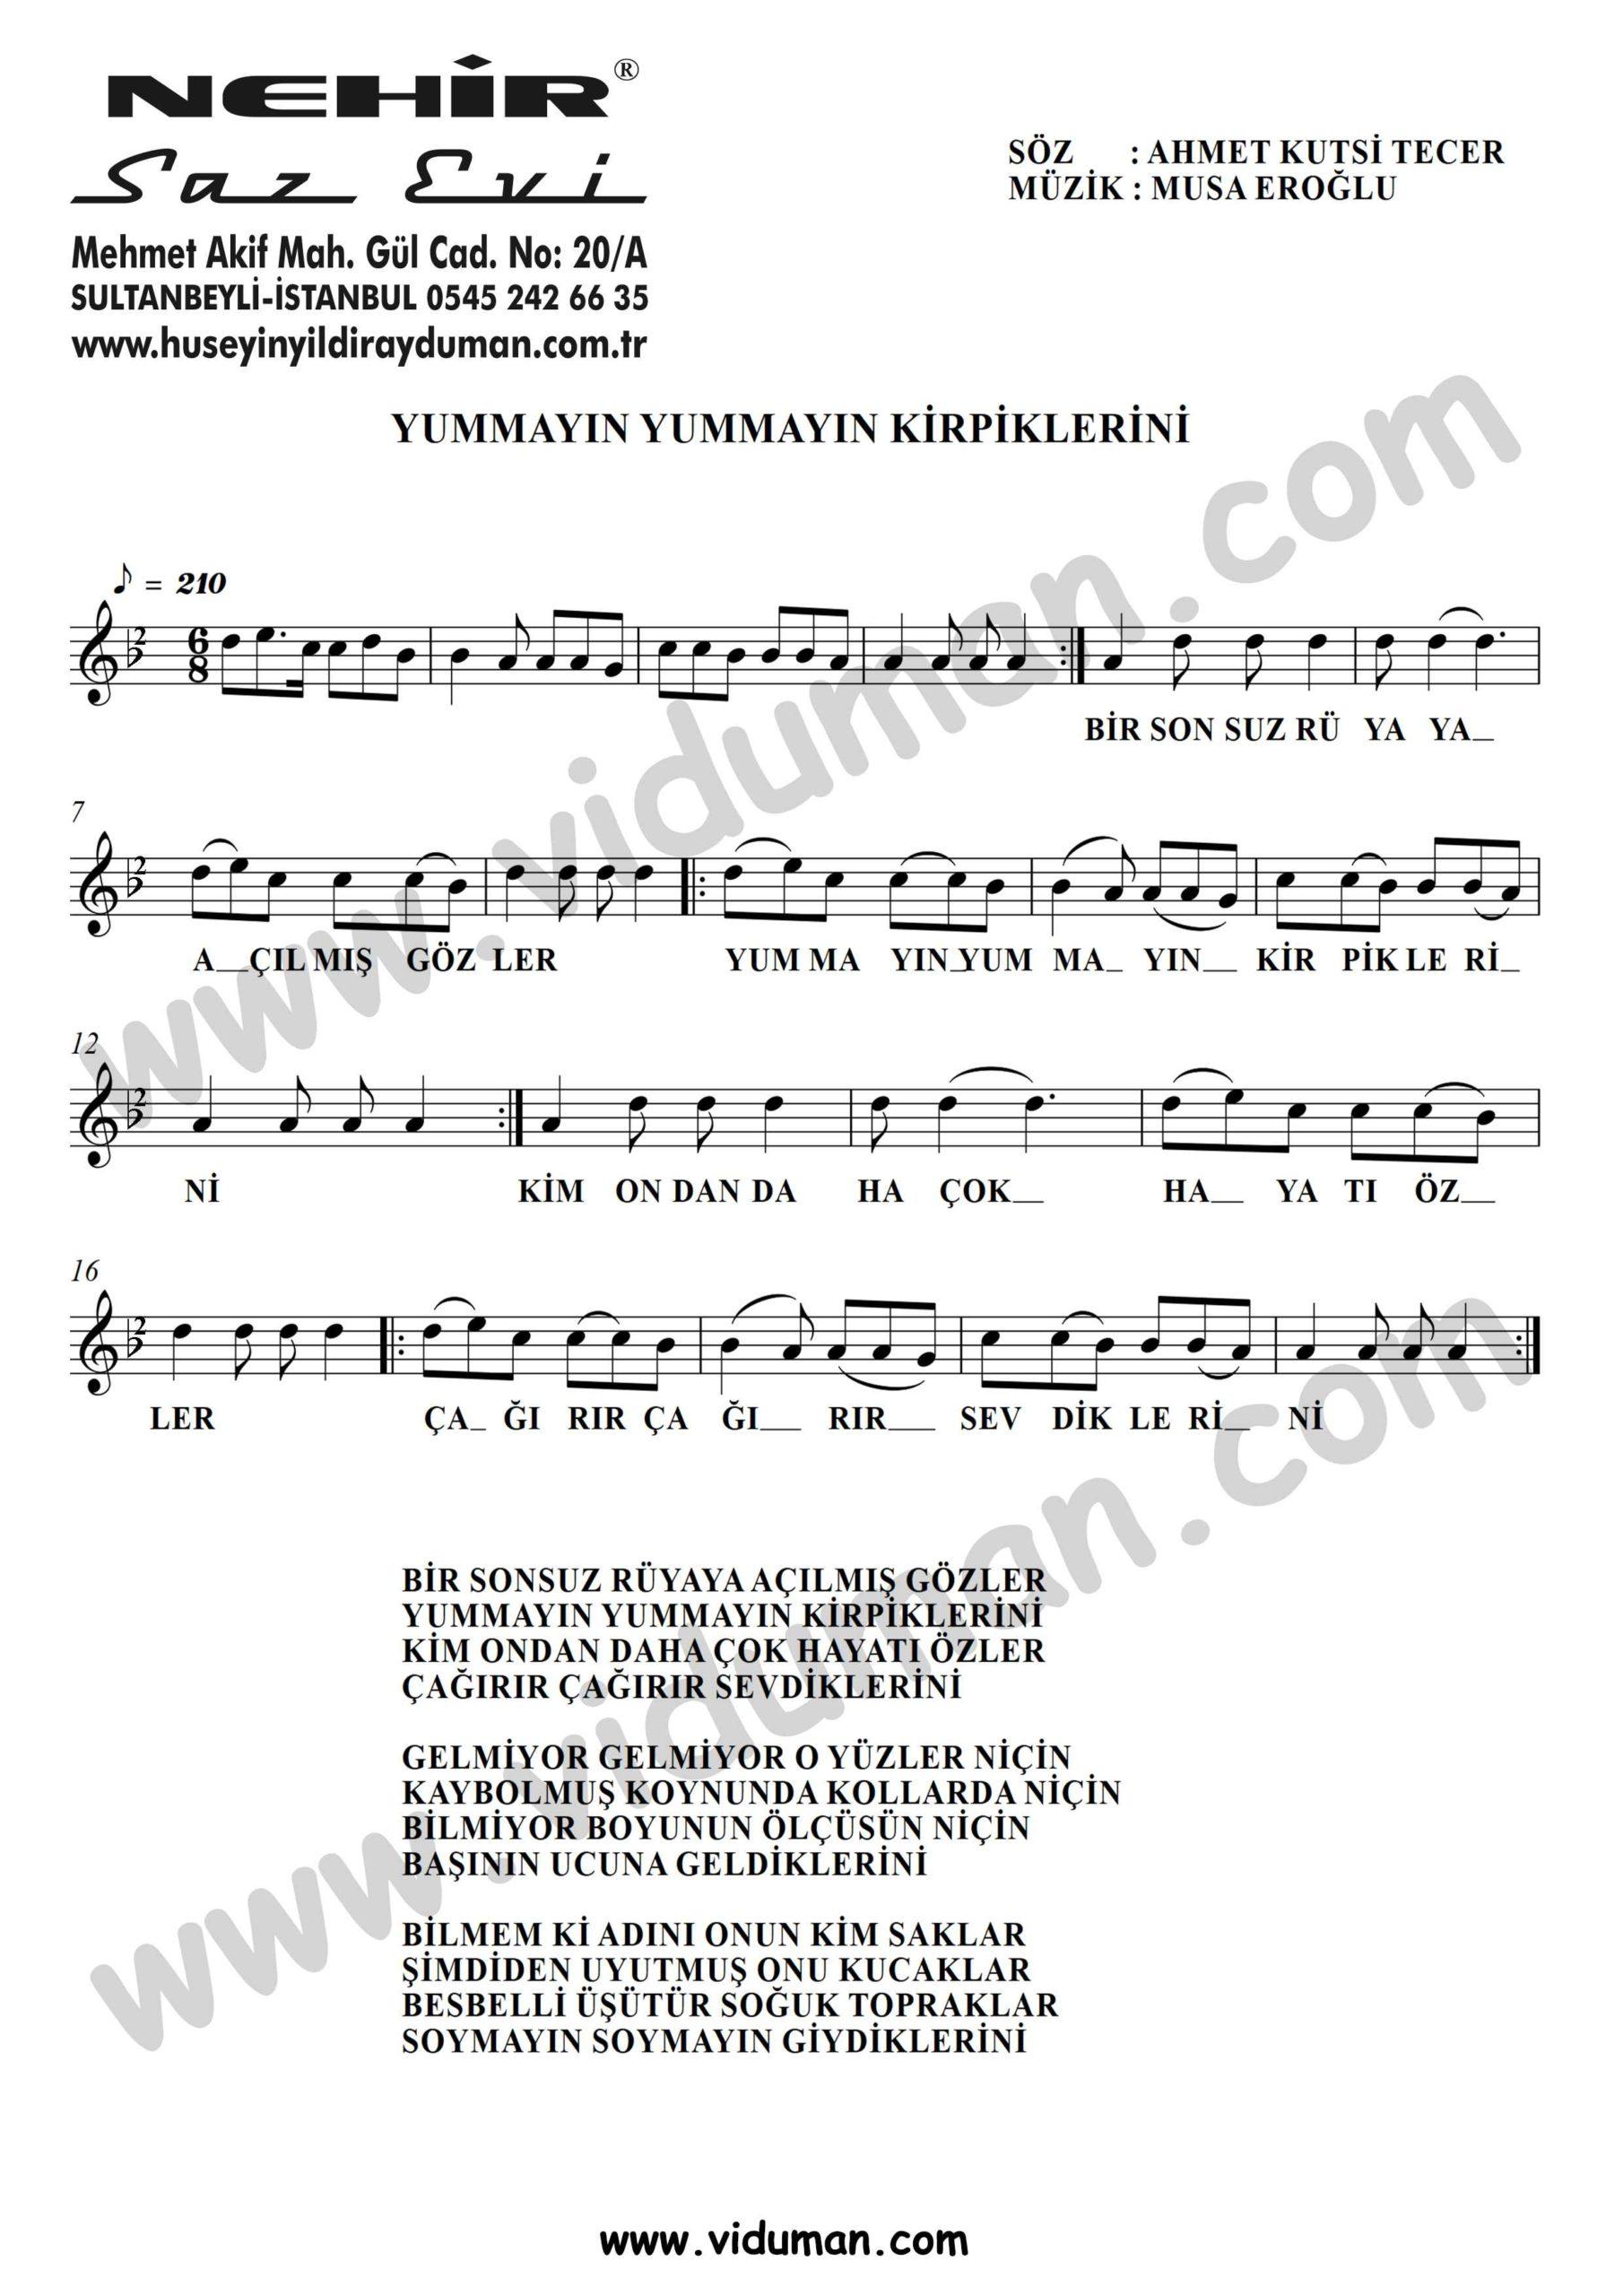 Yummayin Yummayin Kirpiklerini-Baglama-Saz-Turku-Notalari